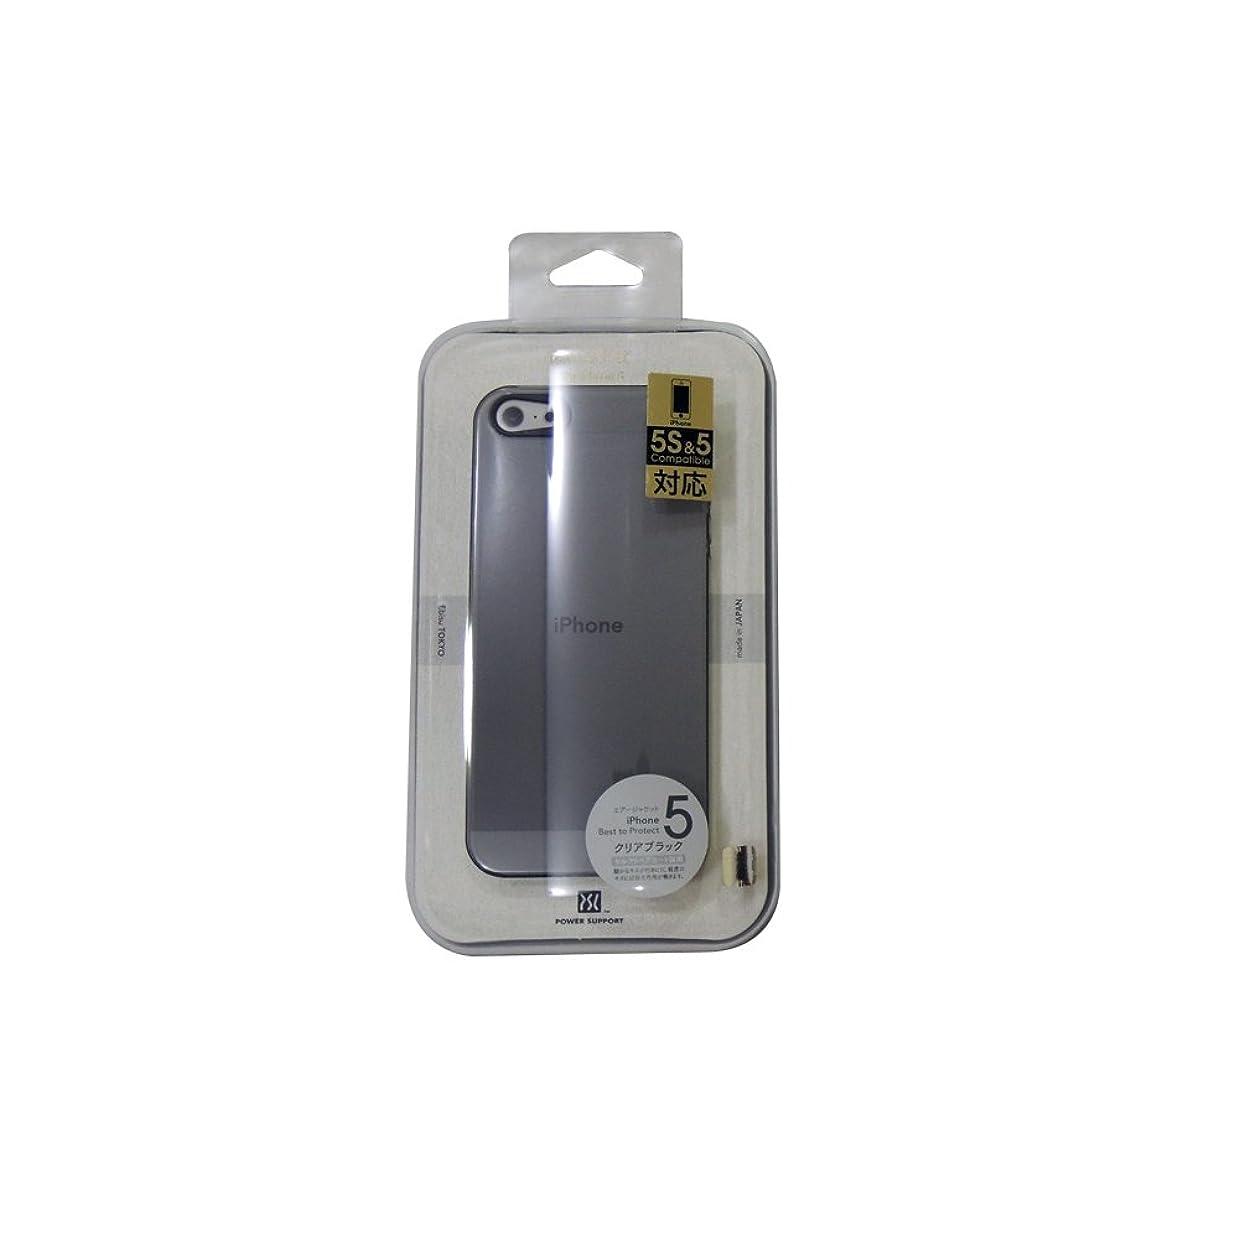 作り忠誠真剣にパワーサポート エアージャケットセット for iPhone5S/5 PJK-73